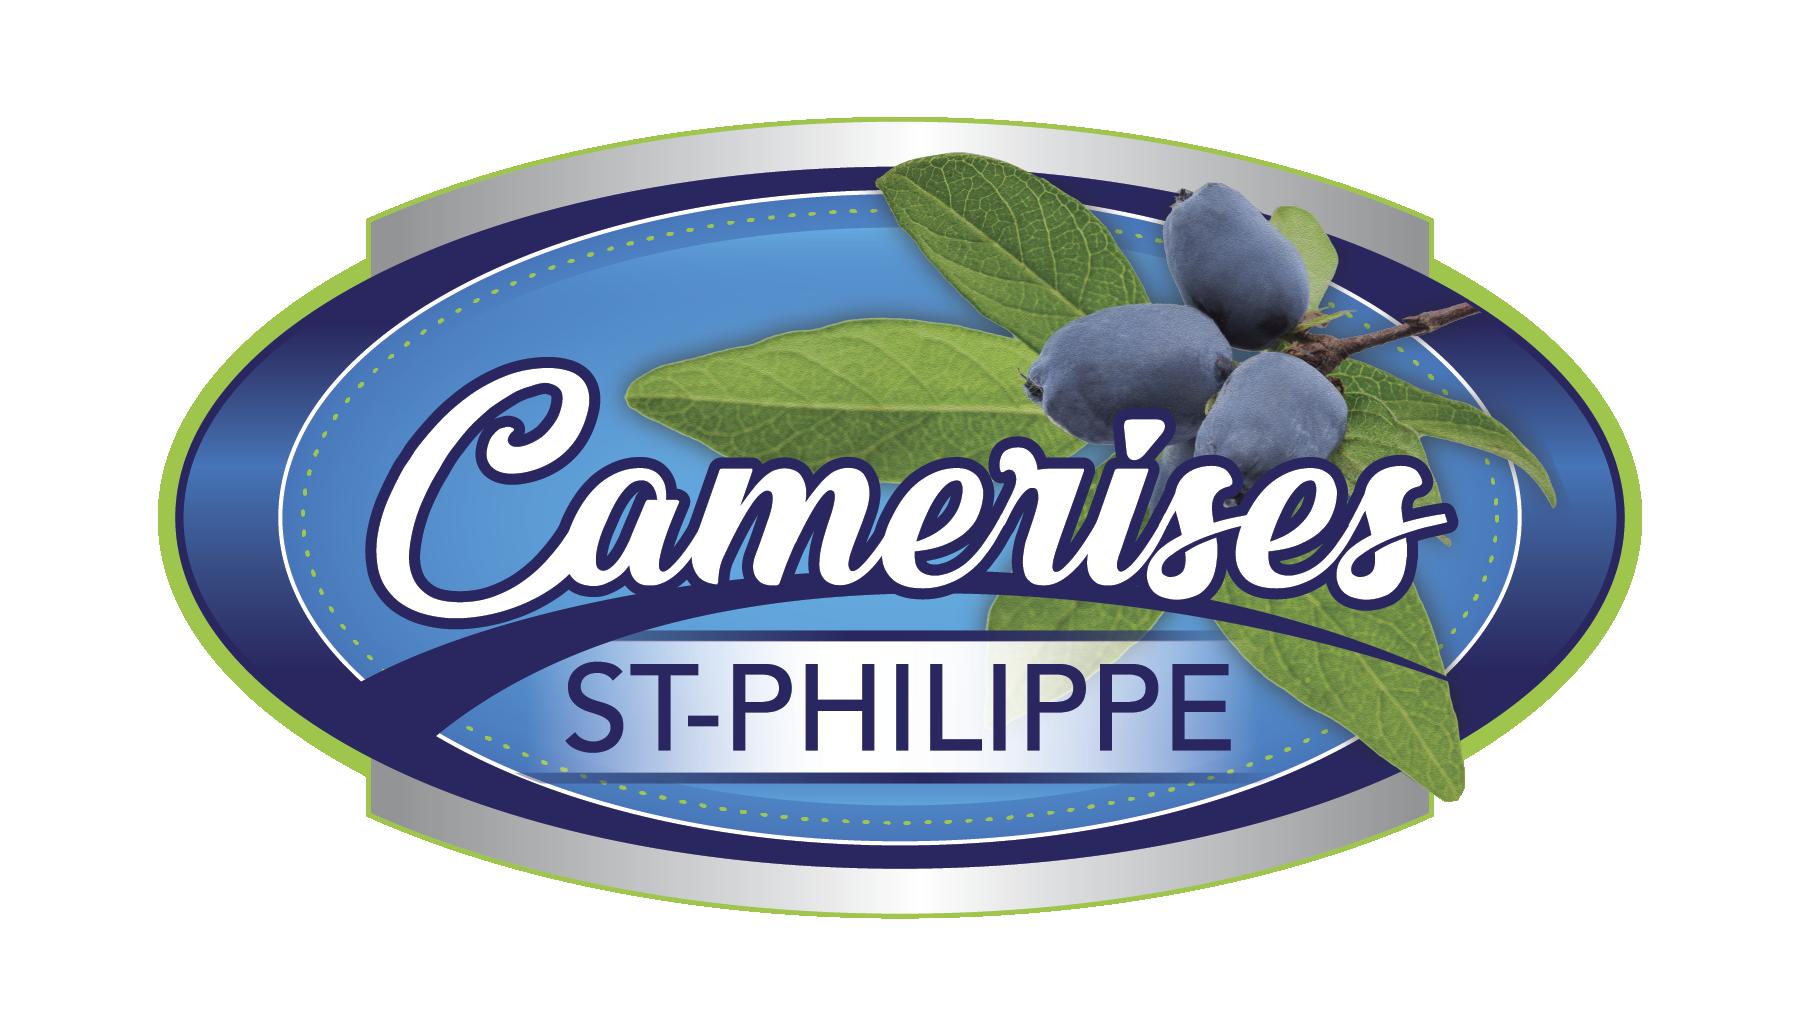 Camerises St-Philippe